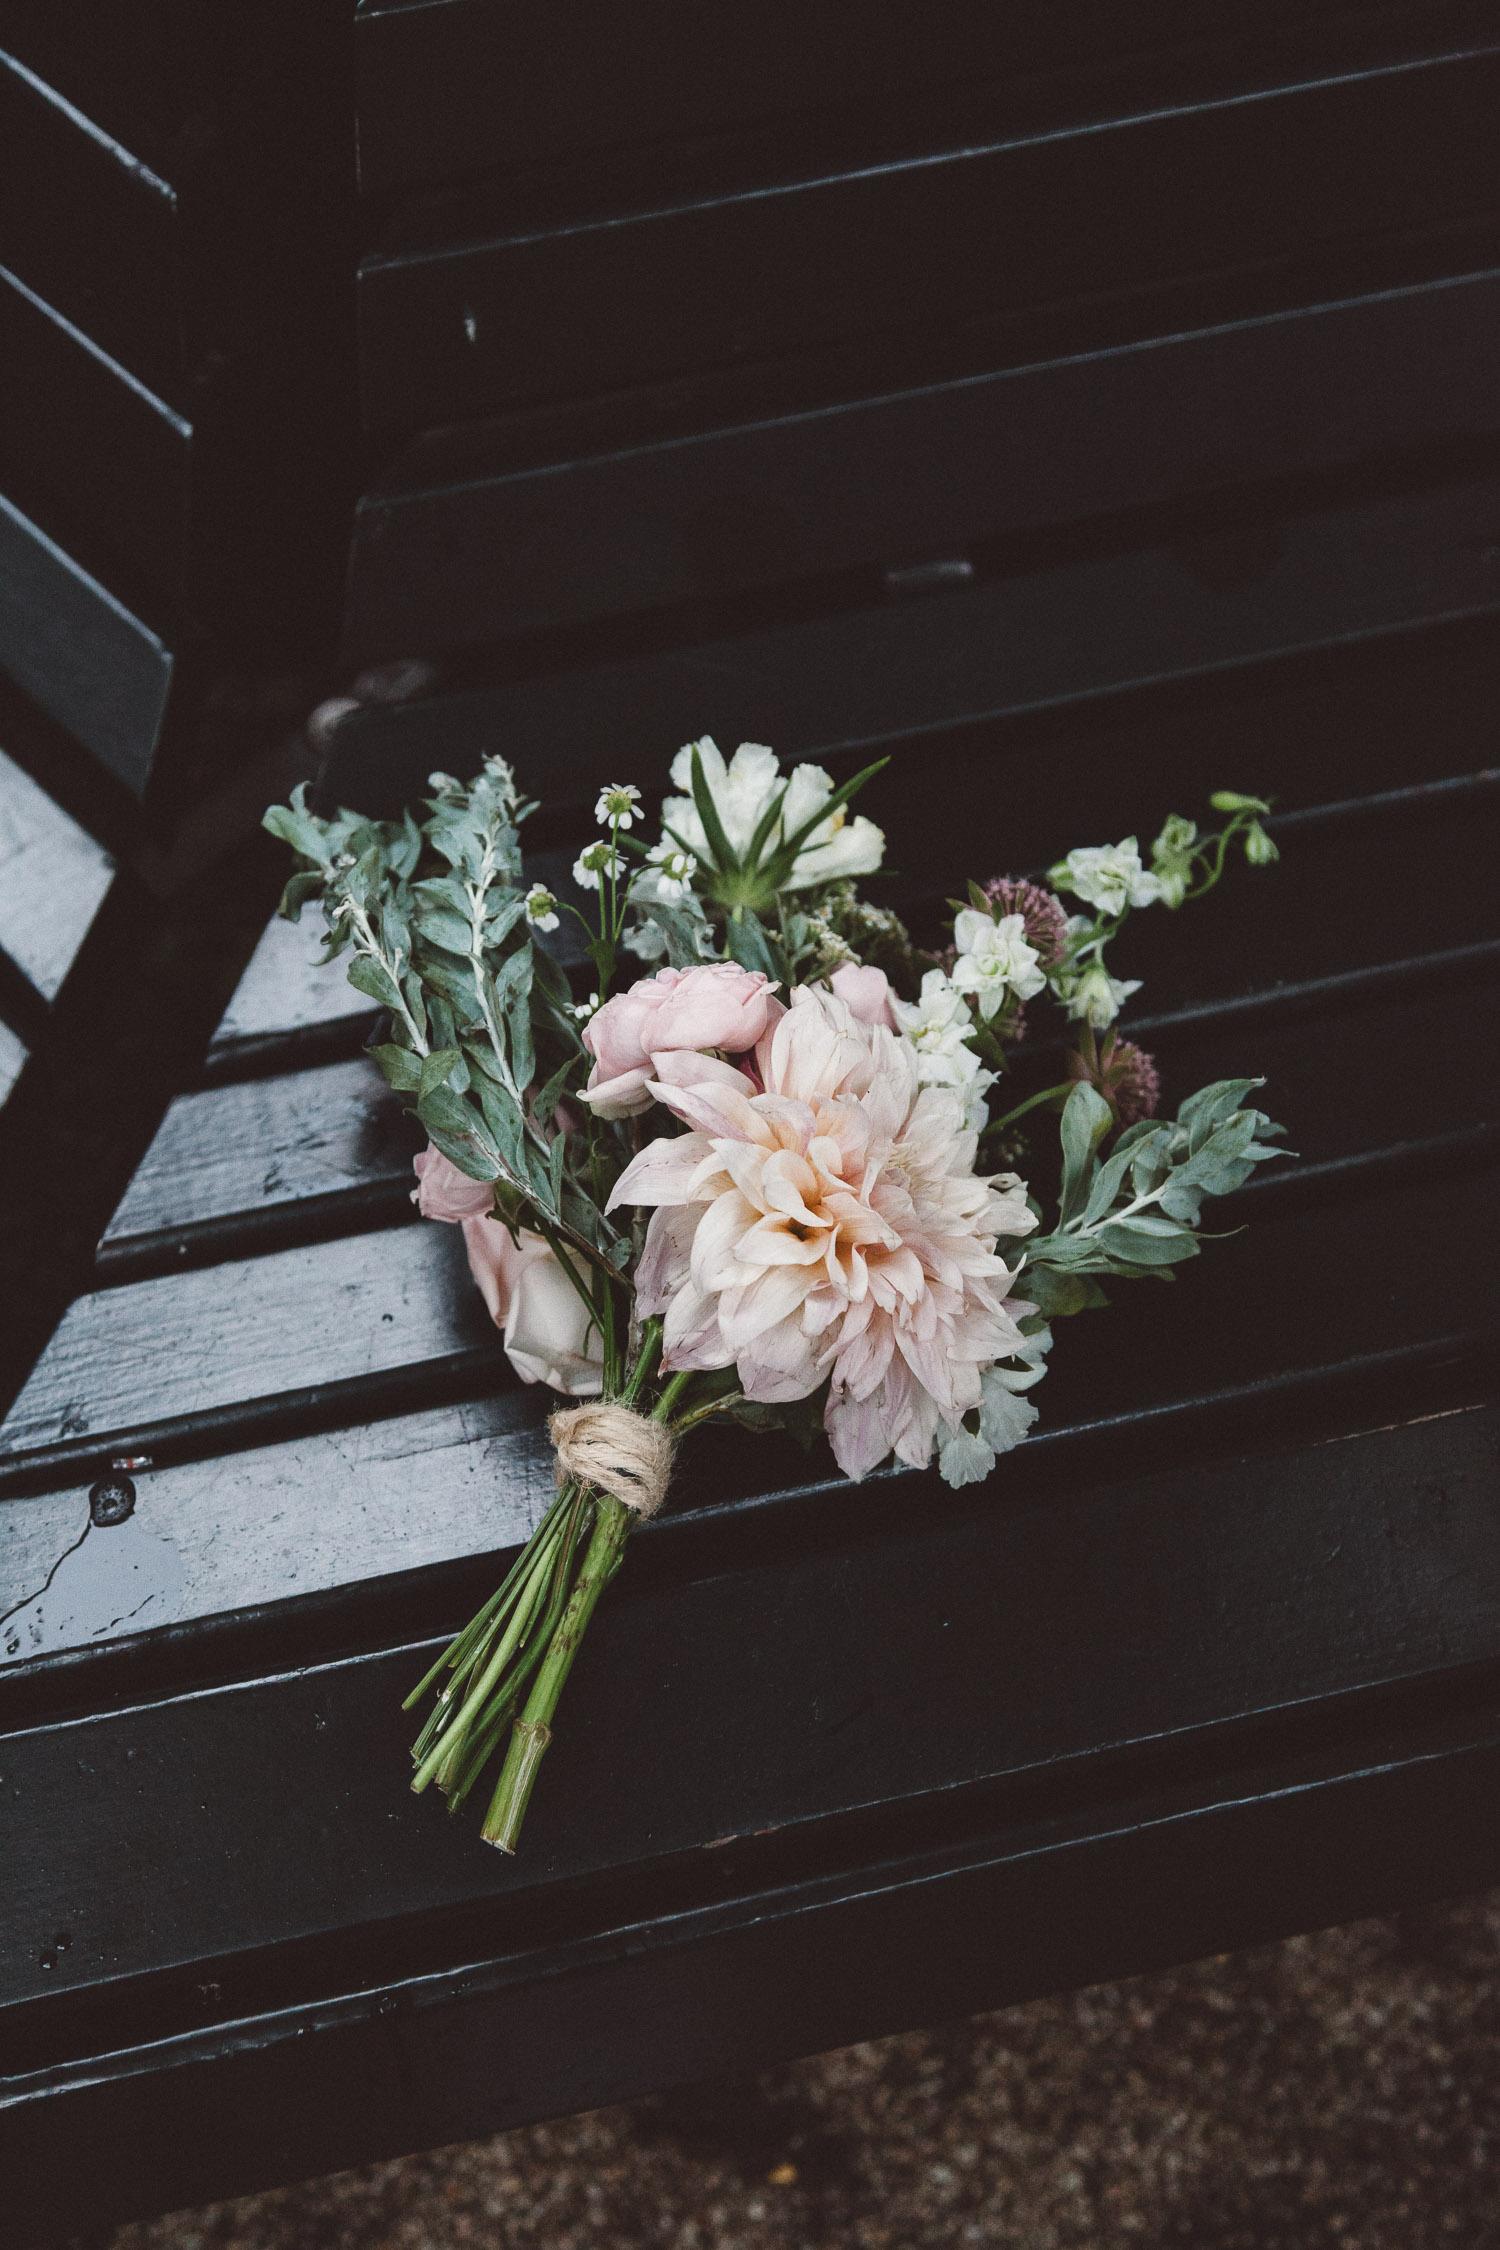 Wedding-Bethan-and-Mike-Hortus-Botanicus-photography-On-a-hazy-morning-Amsterdam253.jpg